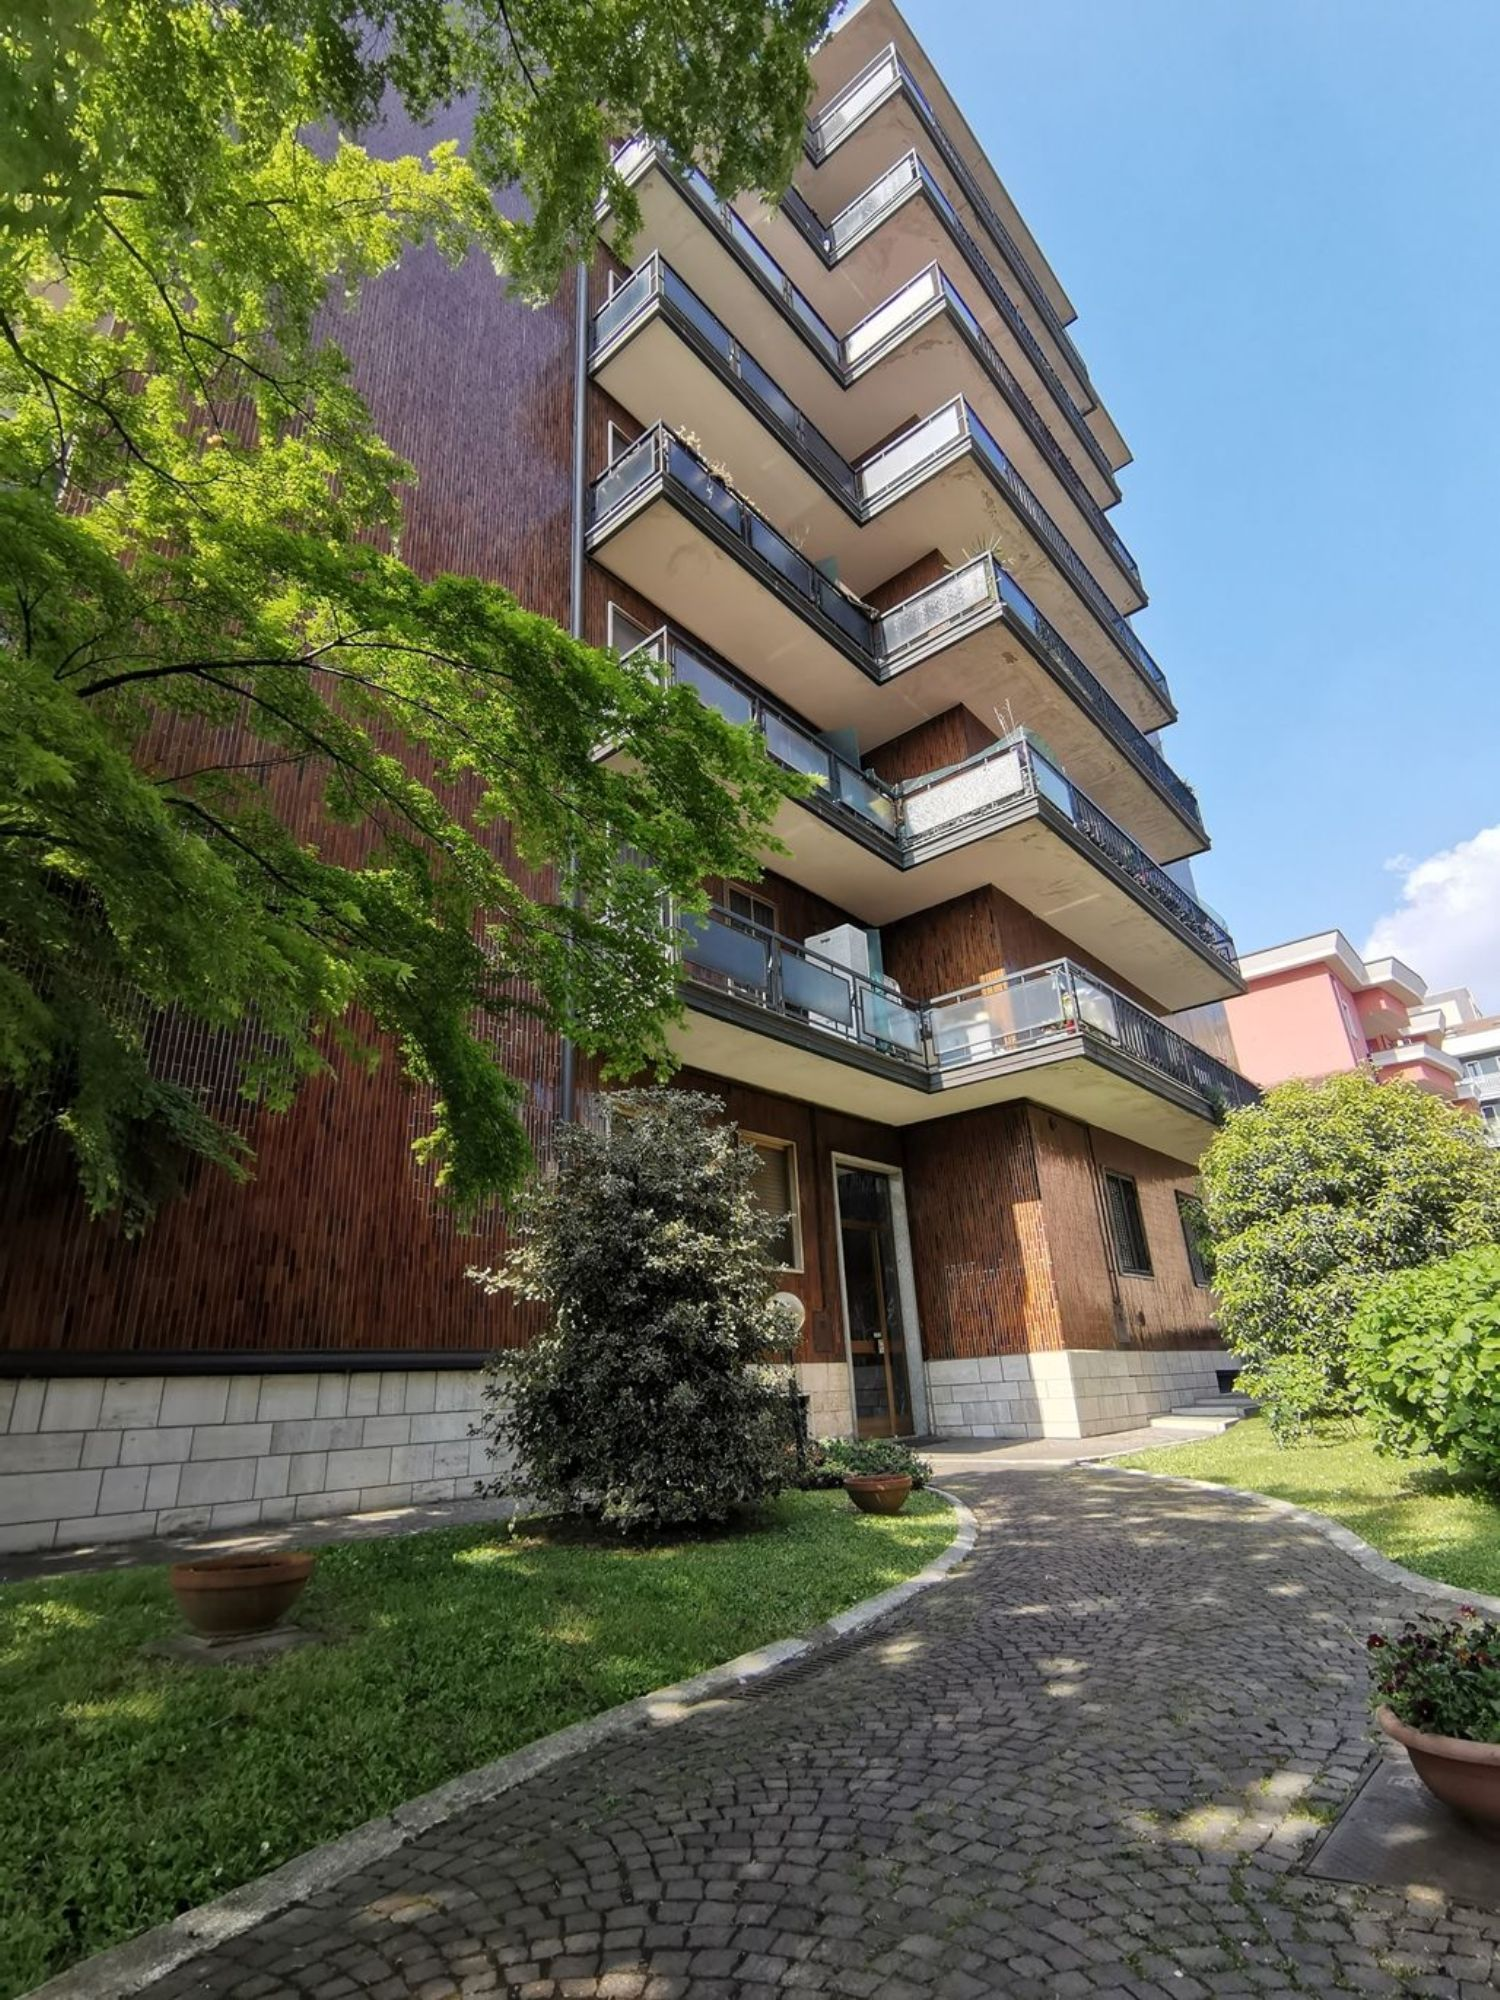 Appartamento in vendita a San Donato Milanese, 2 locali, prezzo € 150.000 | PortaleAgenzieImmobiliari.it